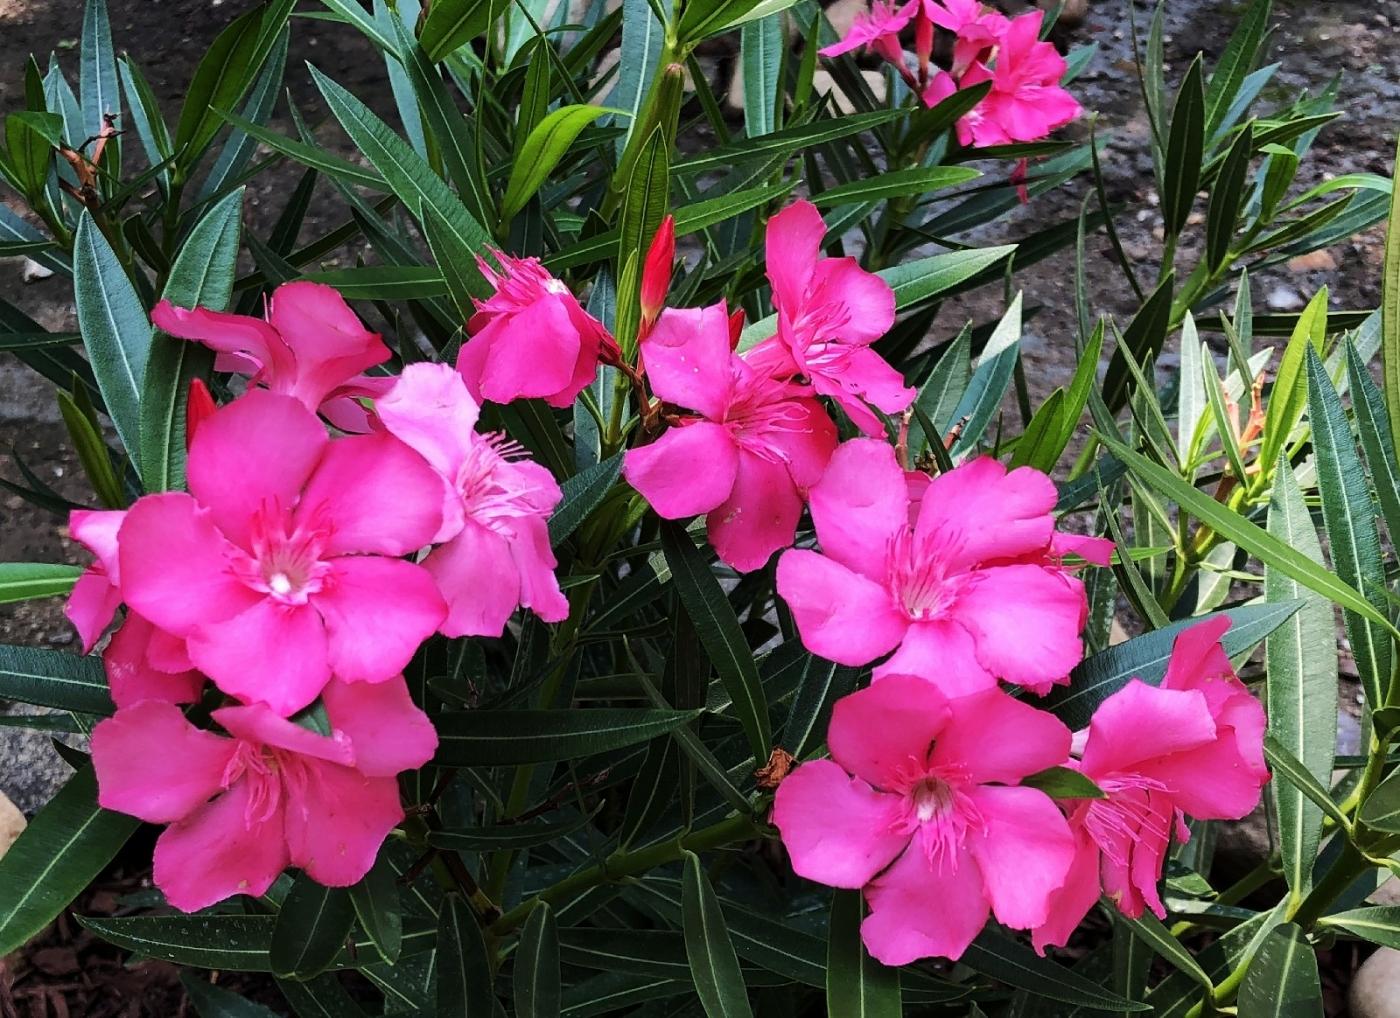 【田螺随拍】我今年种的蜂鸟喜欢吃的花都开了_图1-2